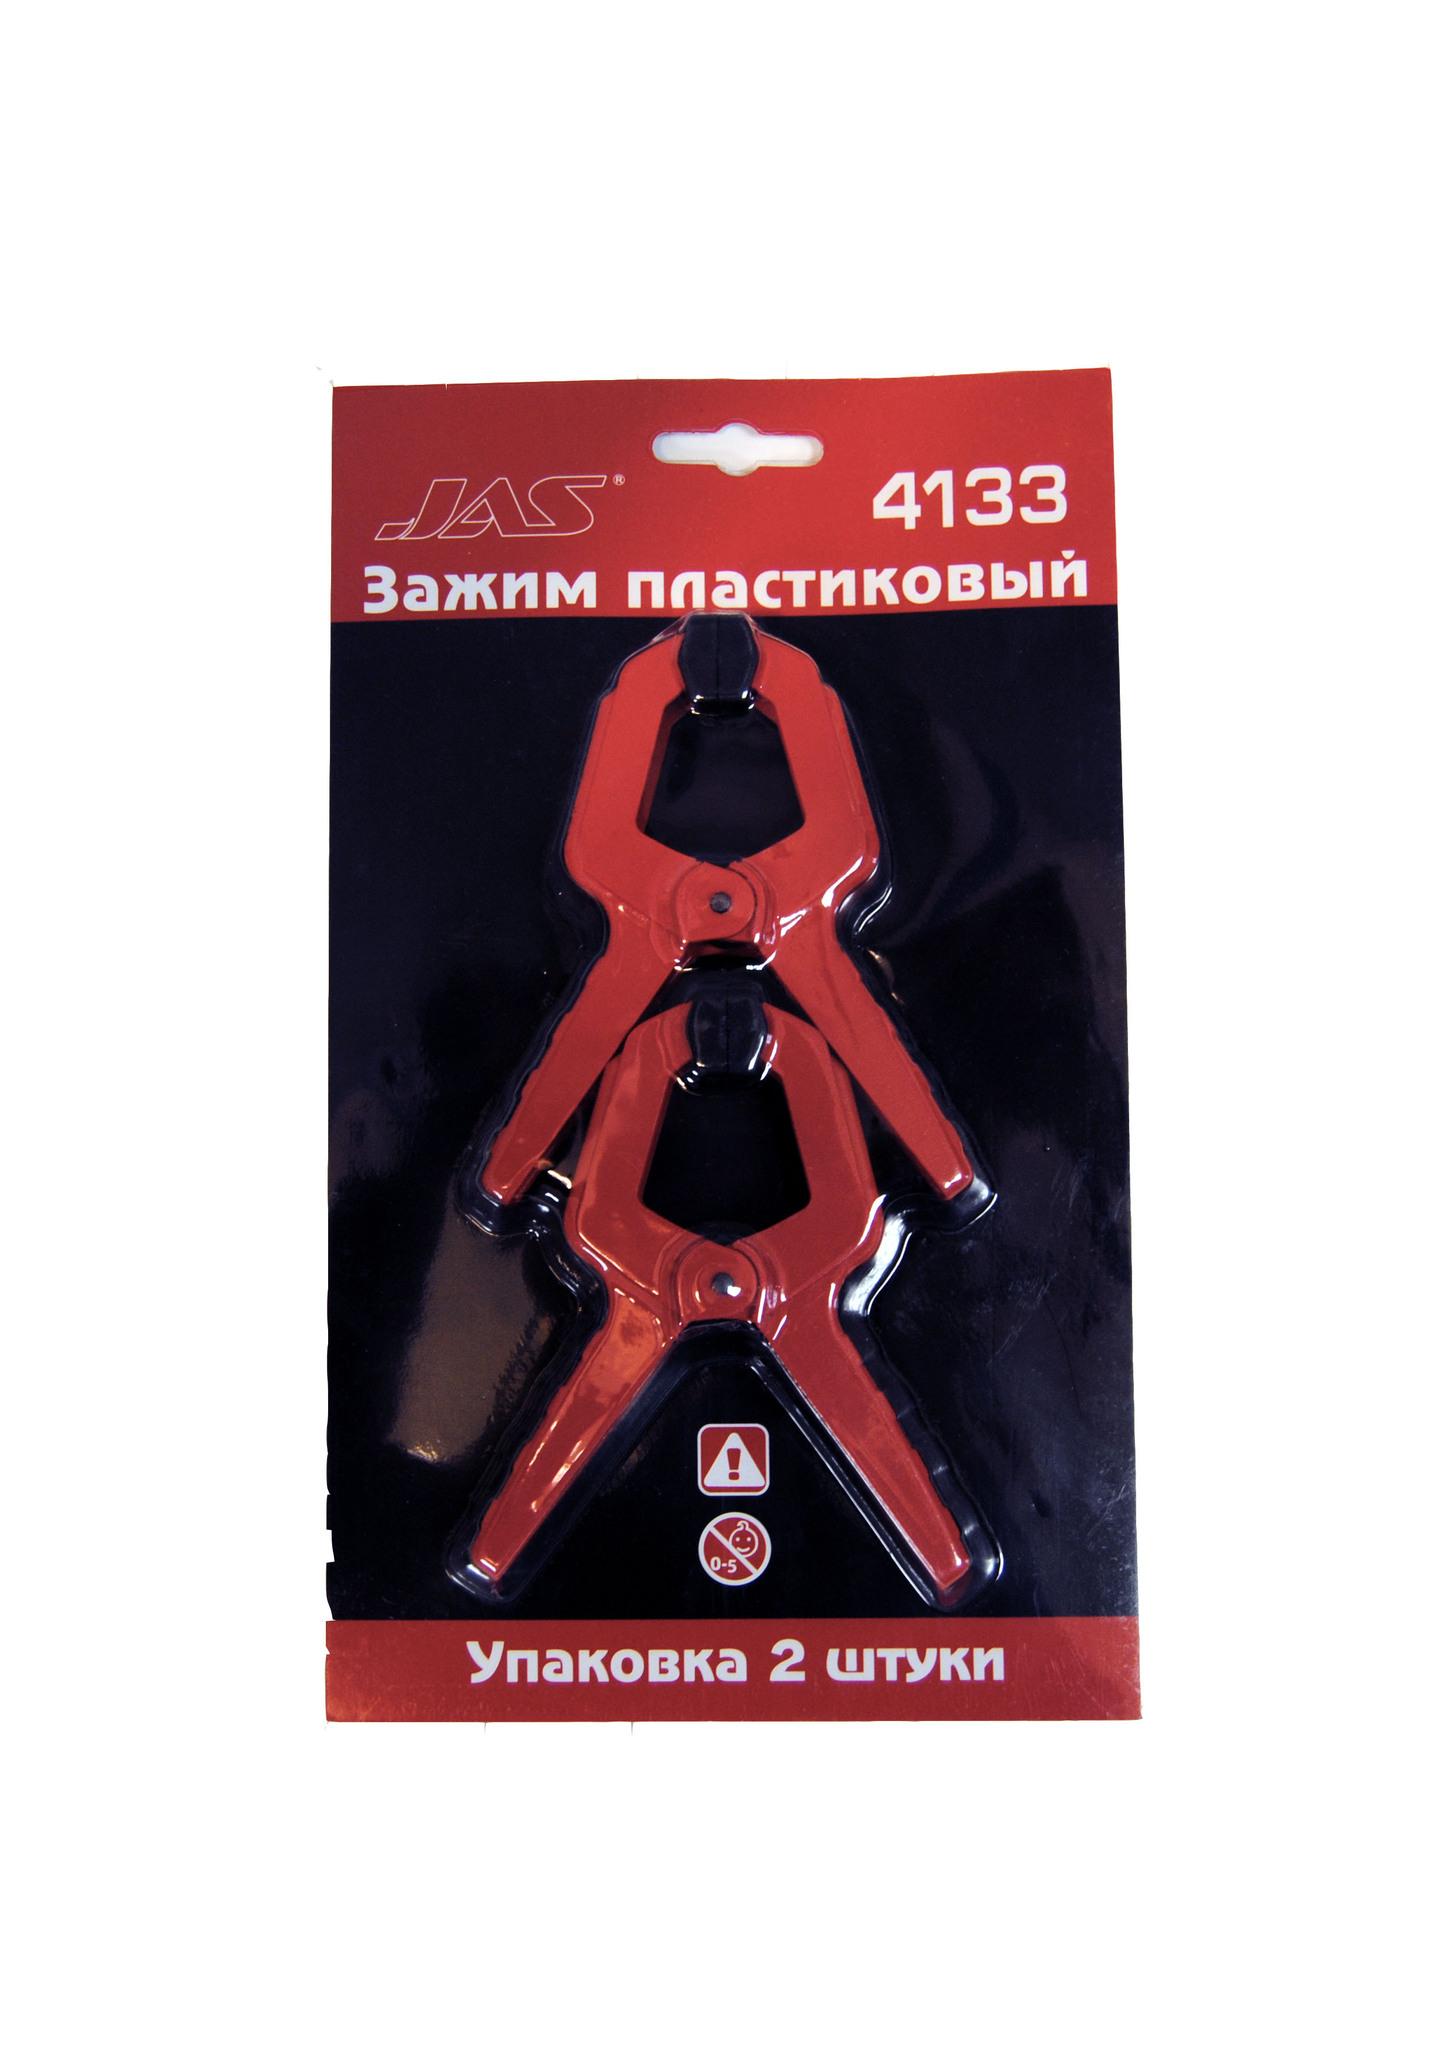 Инструменты Зажим пластиковый, 50 мм поштучно import_files_a4_a4767e78325211e3b69350465d8a474f_5916c586a08311e3aa4c50465d8a474e.jpeg